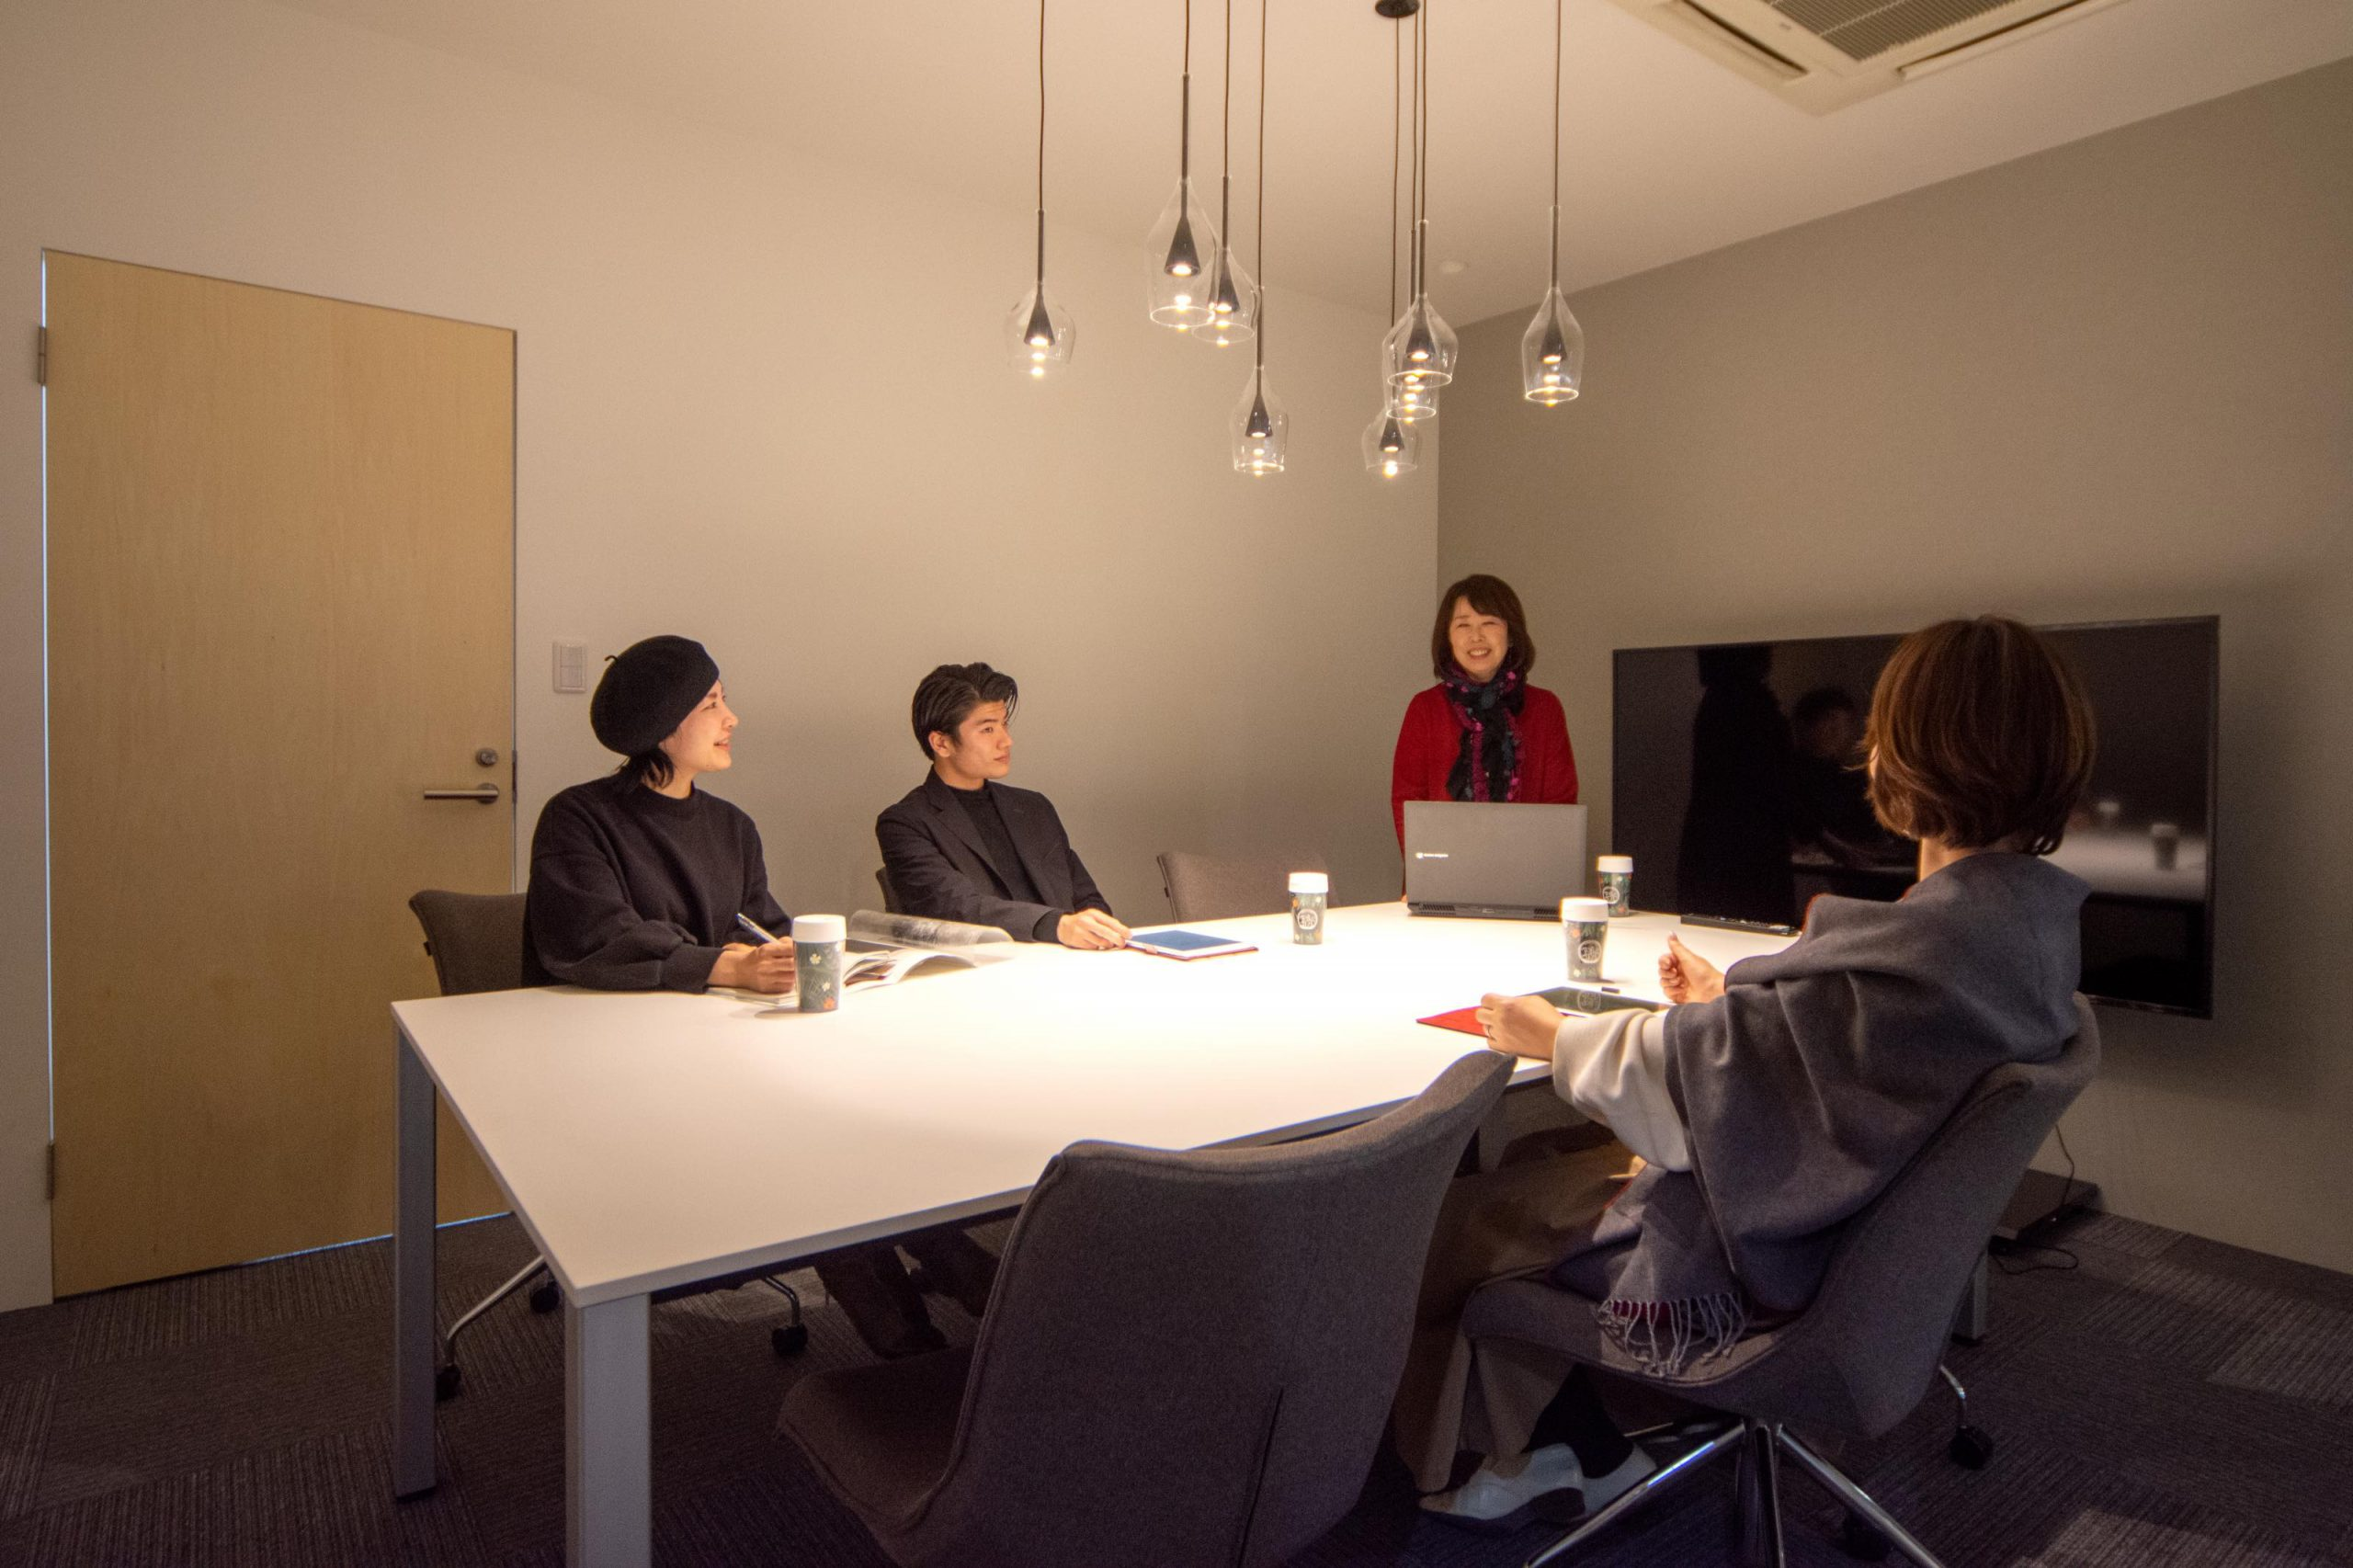 meeting room02